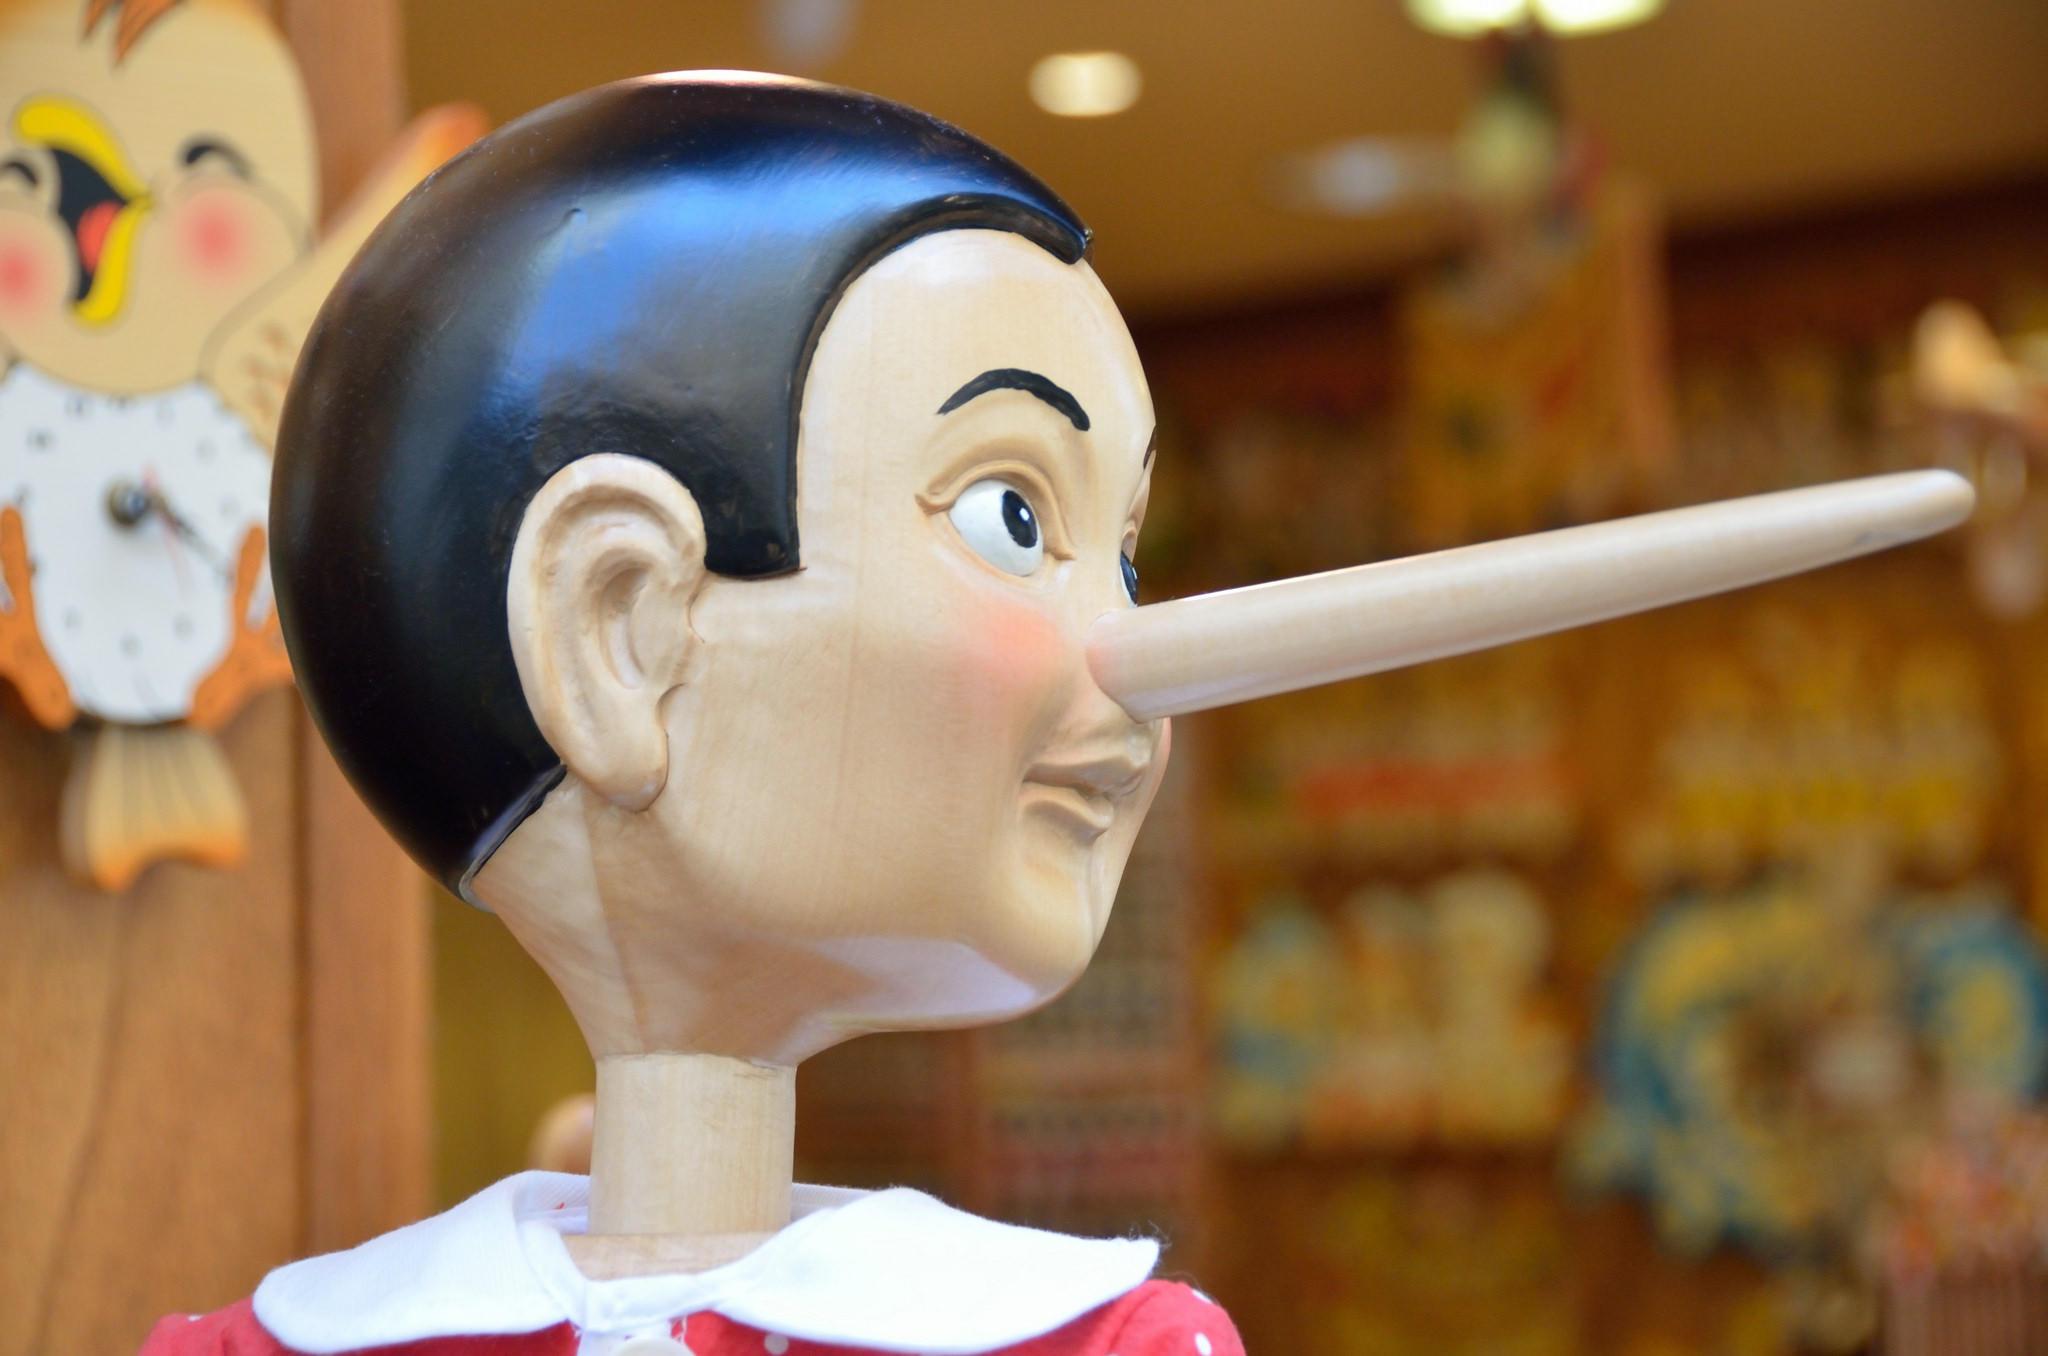 قصة عن الكذب قصيرة جدا